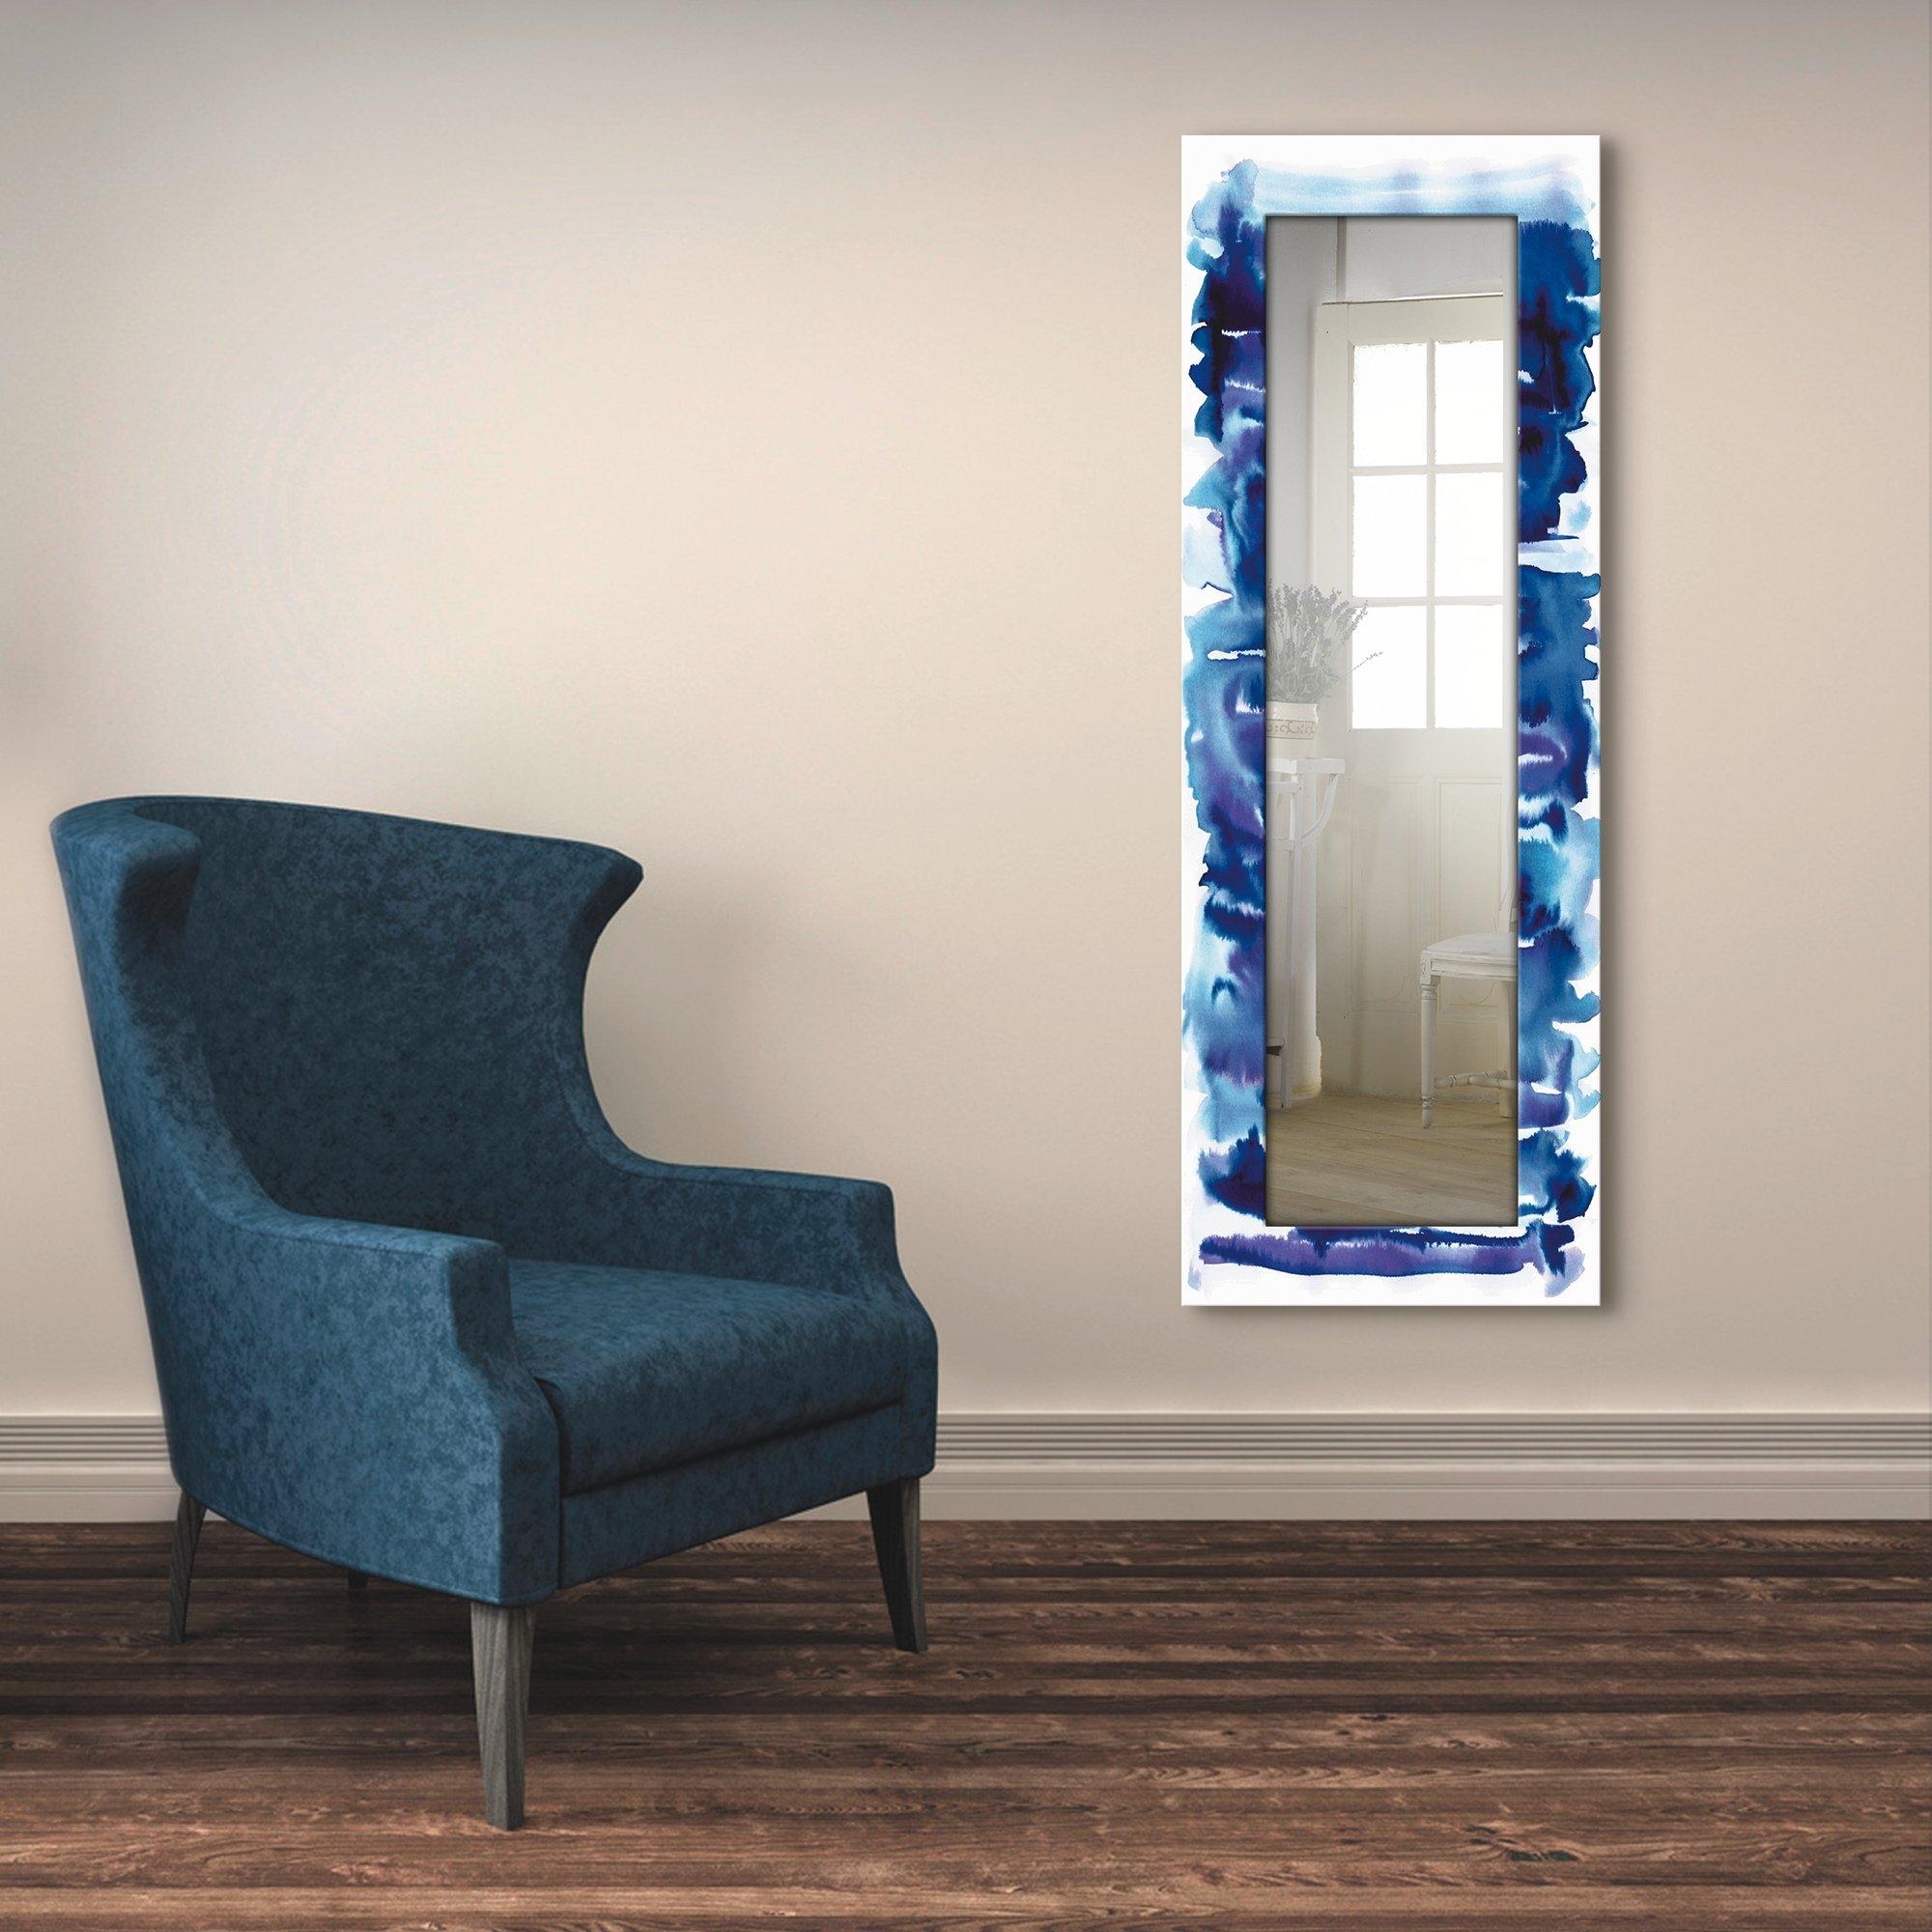 Artland wandspiegel Aquarel in blauw ingelijste spiegel voor het hele lichaam met motiefrand, geschikt voor kleine, smalle hal, halspiegel, mirror spiegel omrand om op te hangen nu online kopen bij OTTO